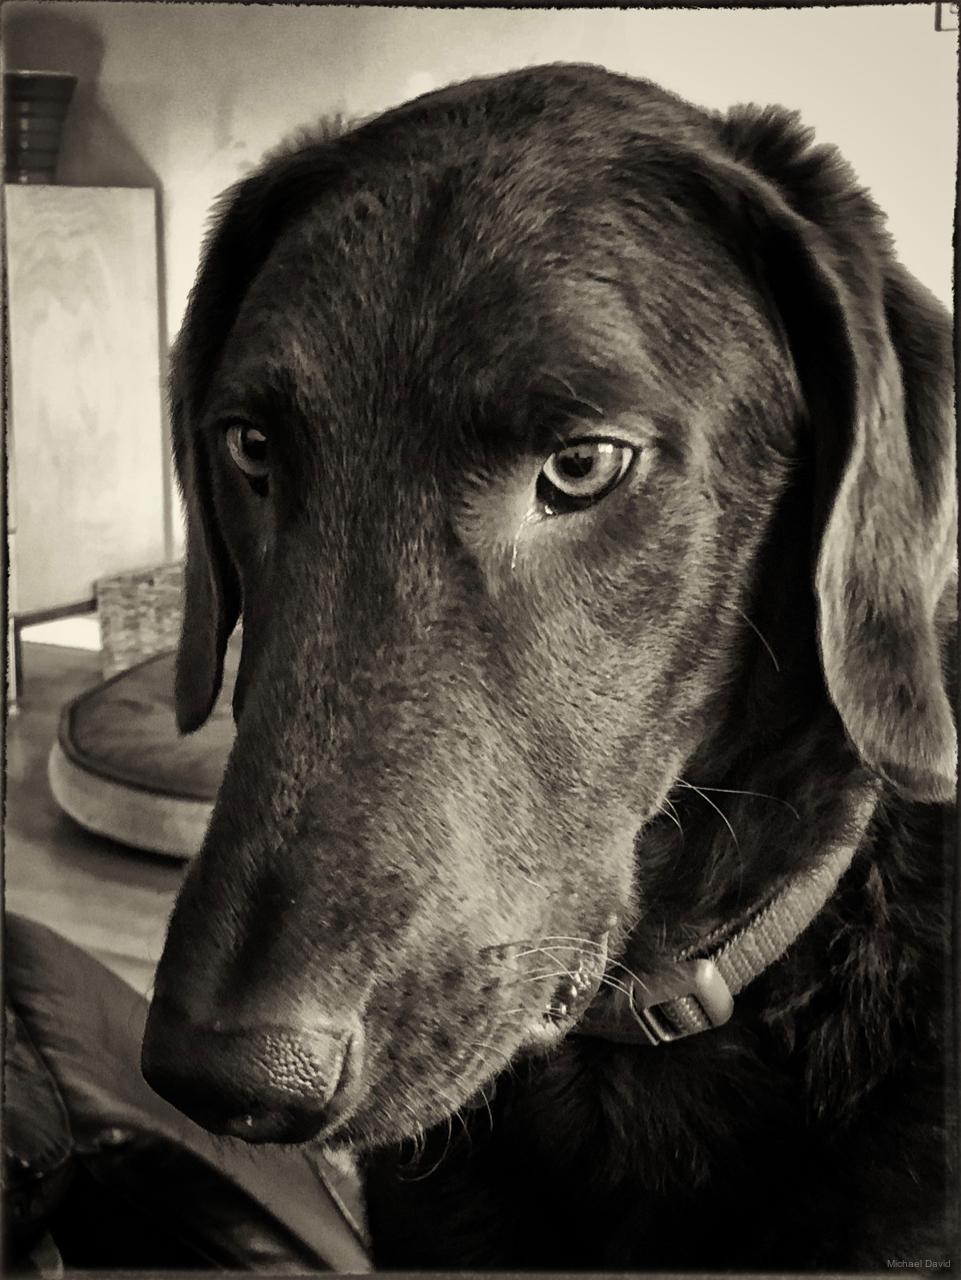 Pensive closeup